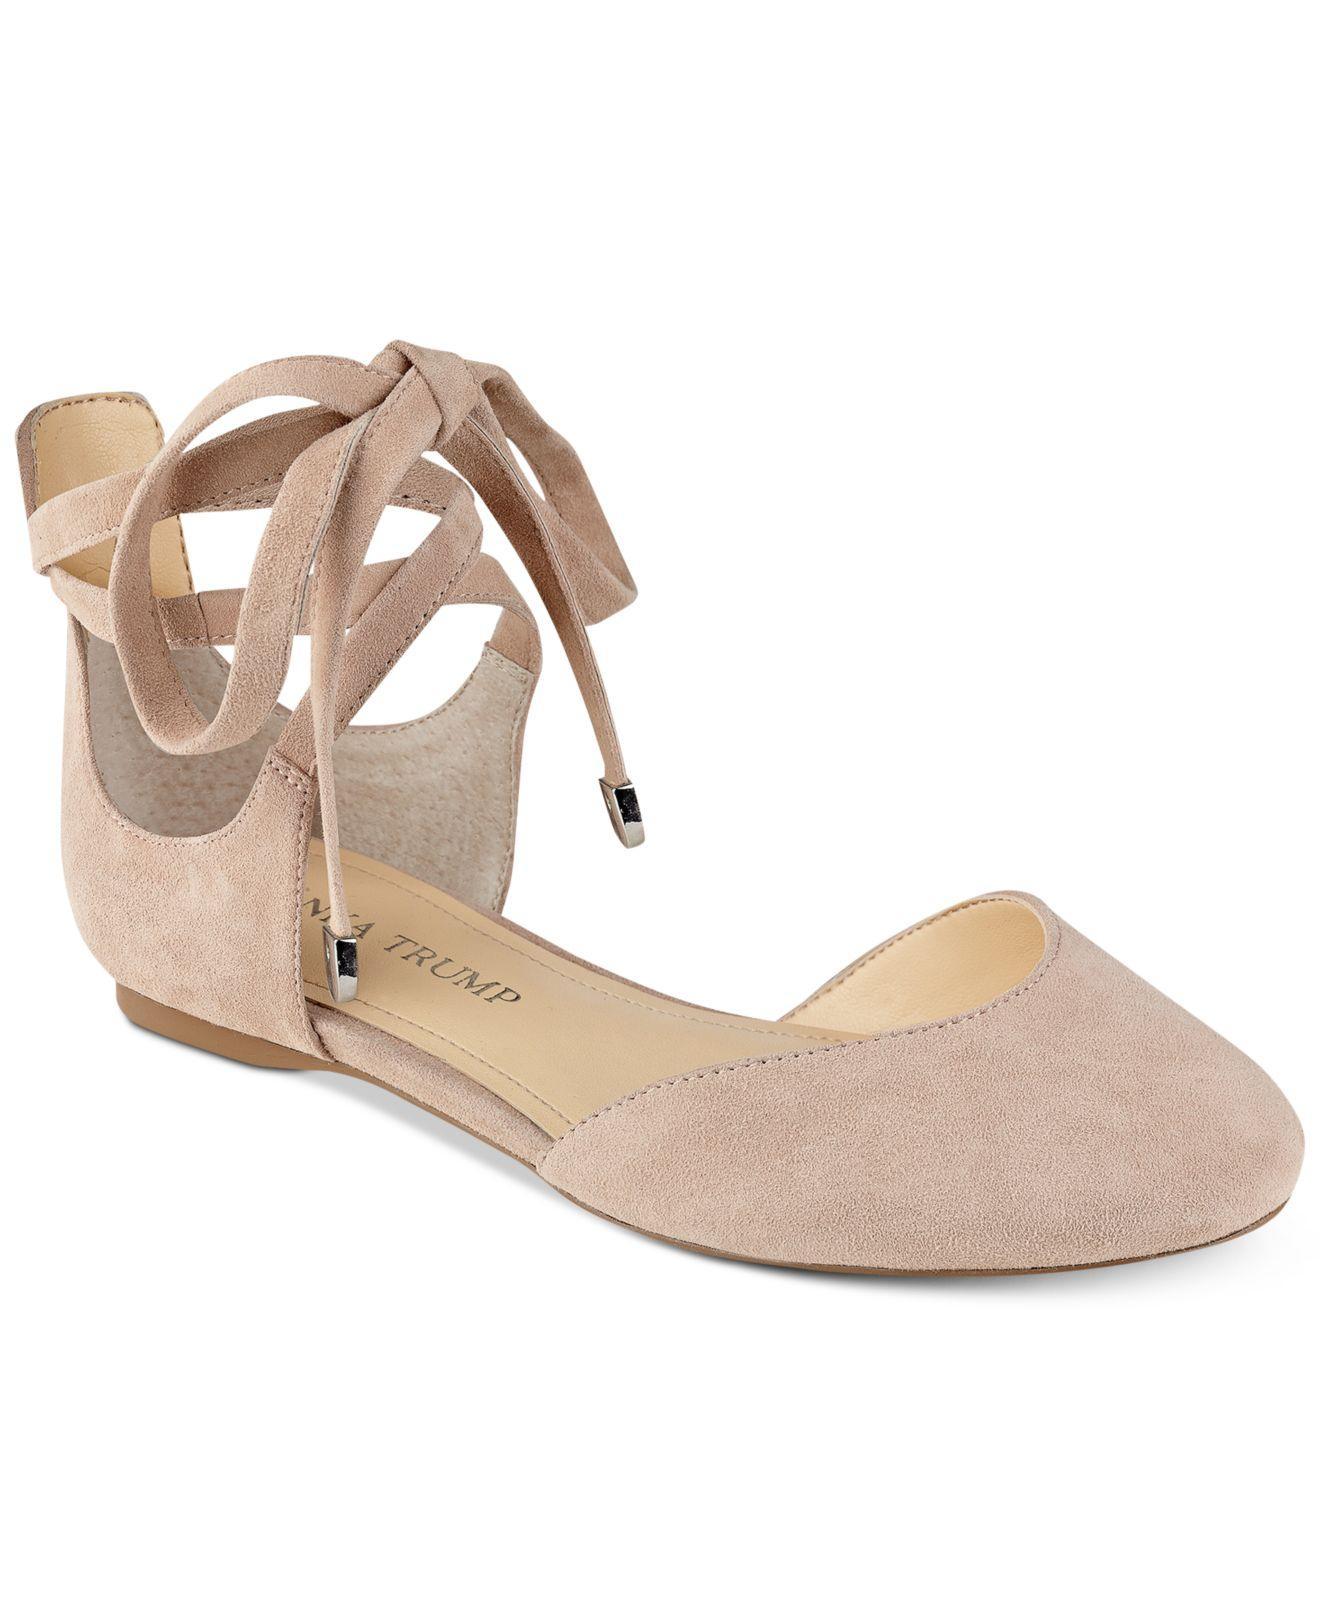 Lyst - Ivanka Trump El... Ivanka Trump Shoes Online